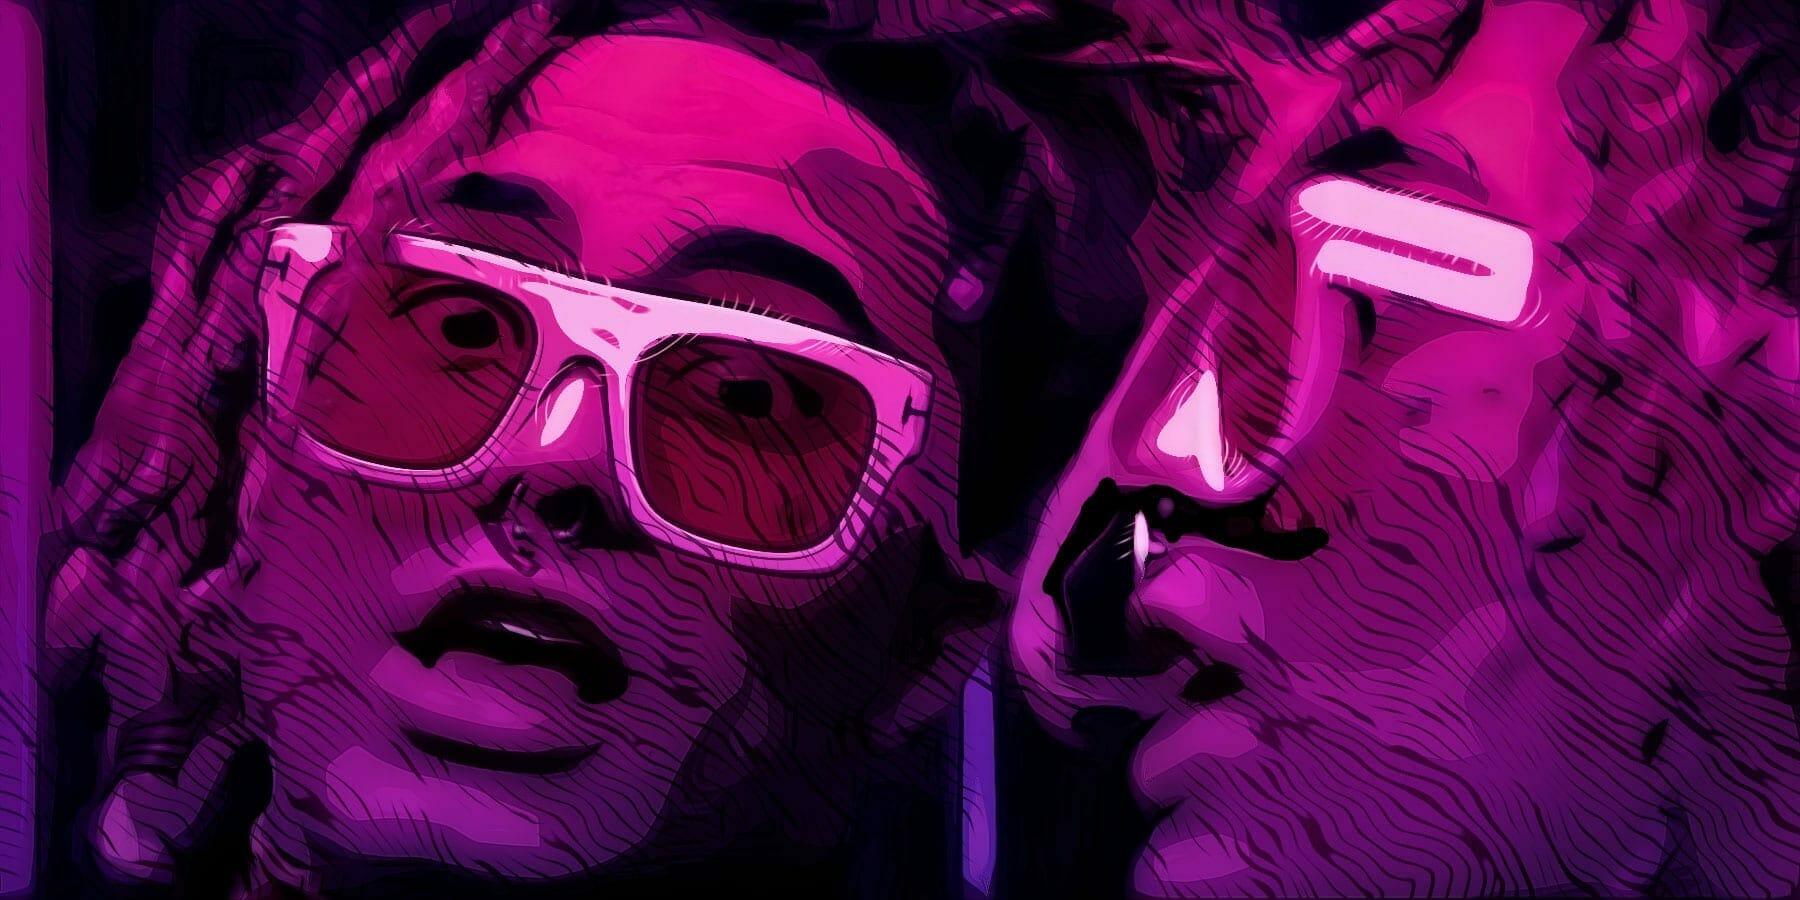 Lil Pump afirma su singularidad en Be Like Me: A New Anthem of Ego Rap 3